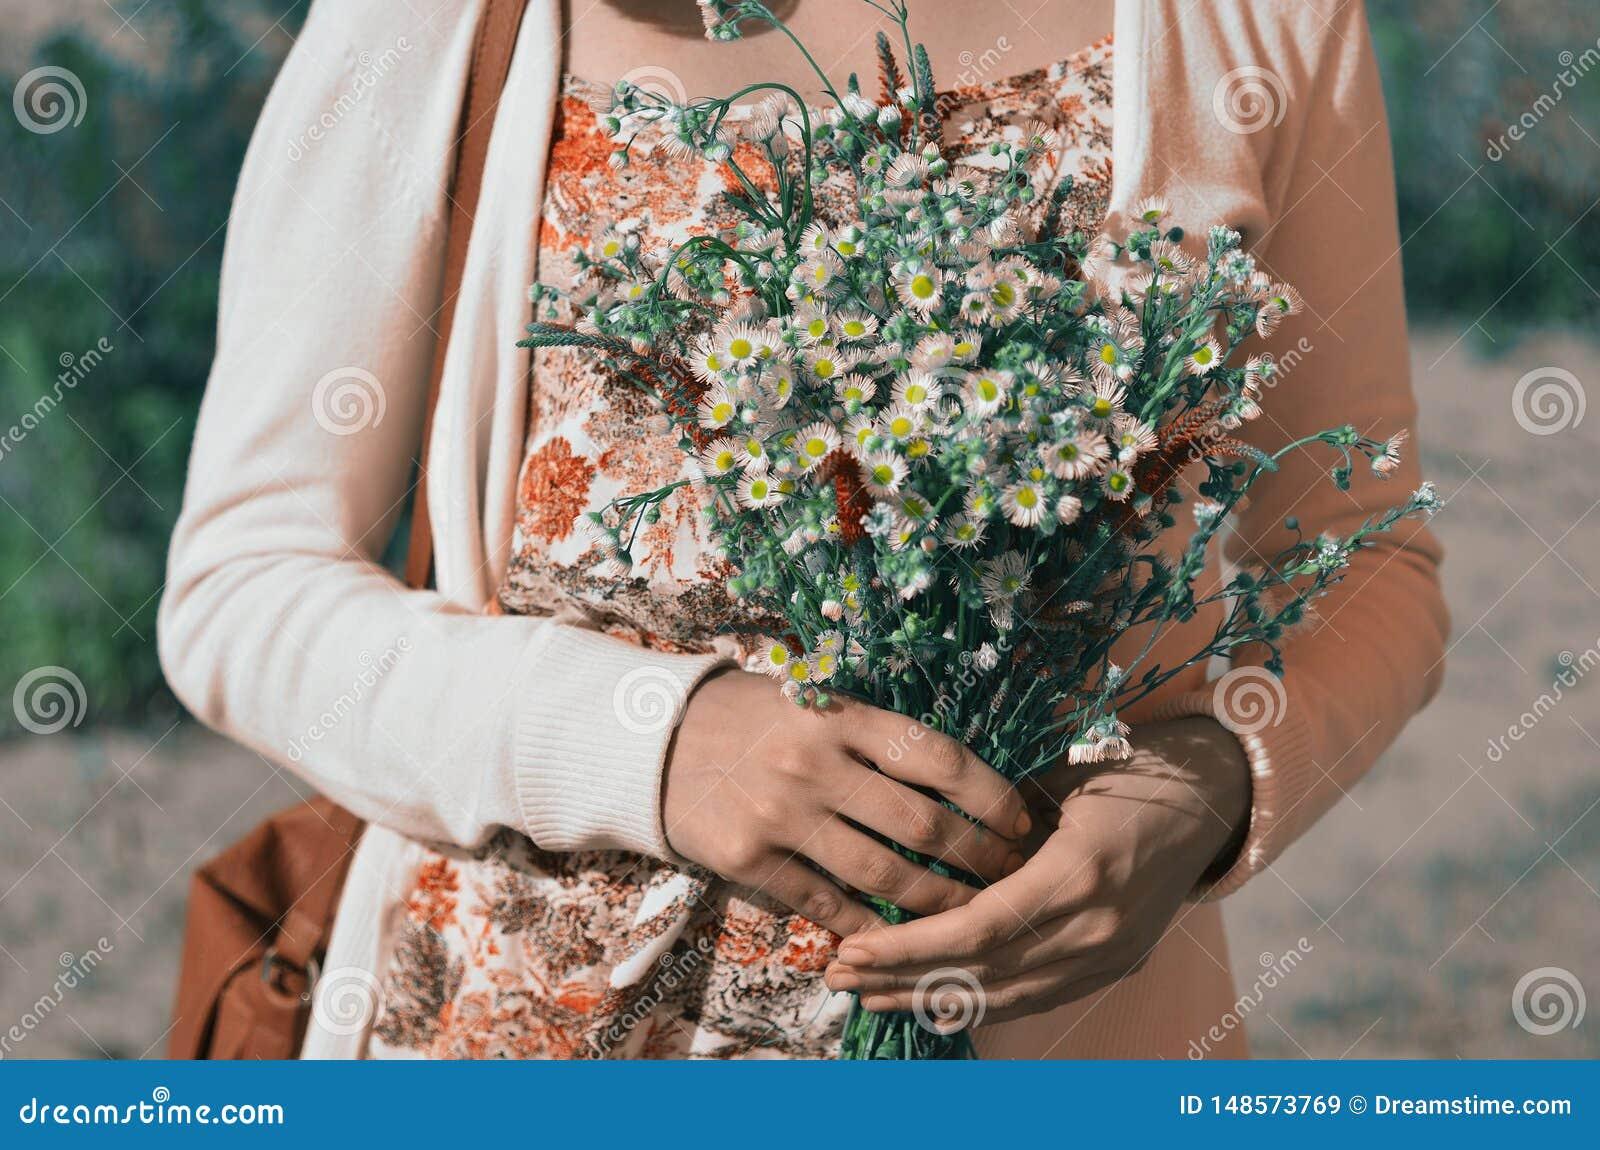 Ein Blumenstrauß von wilden wilden Blumen von Gänseblümchen in den Händen eines Mädchens gekleidet in einem Blumendruckkleid und